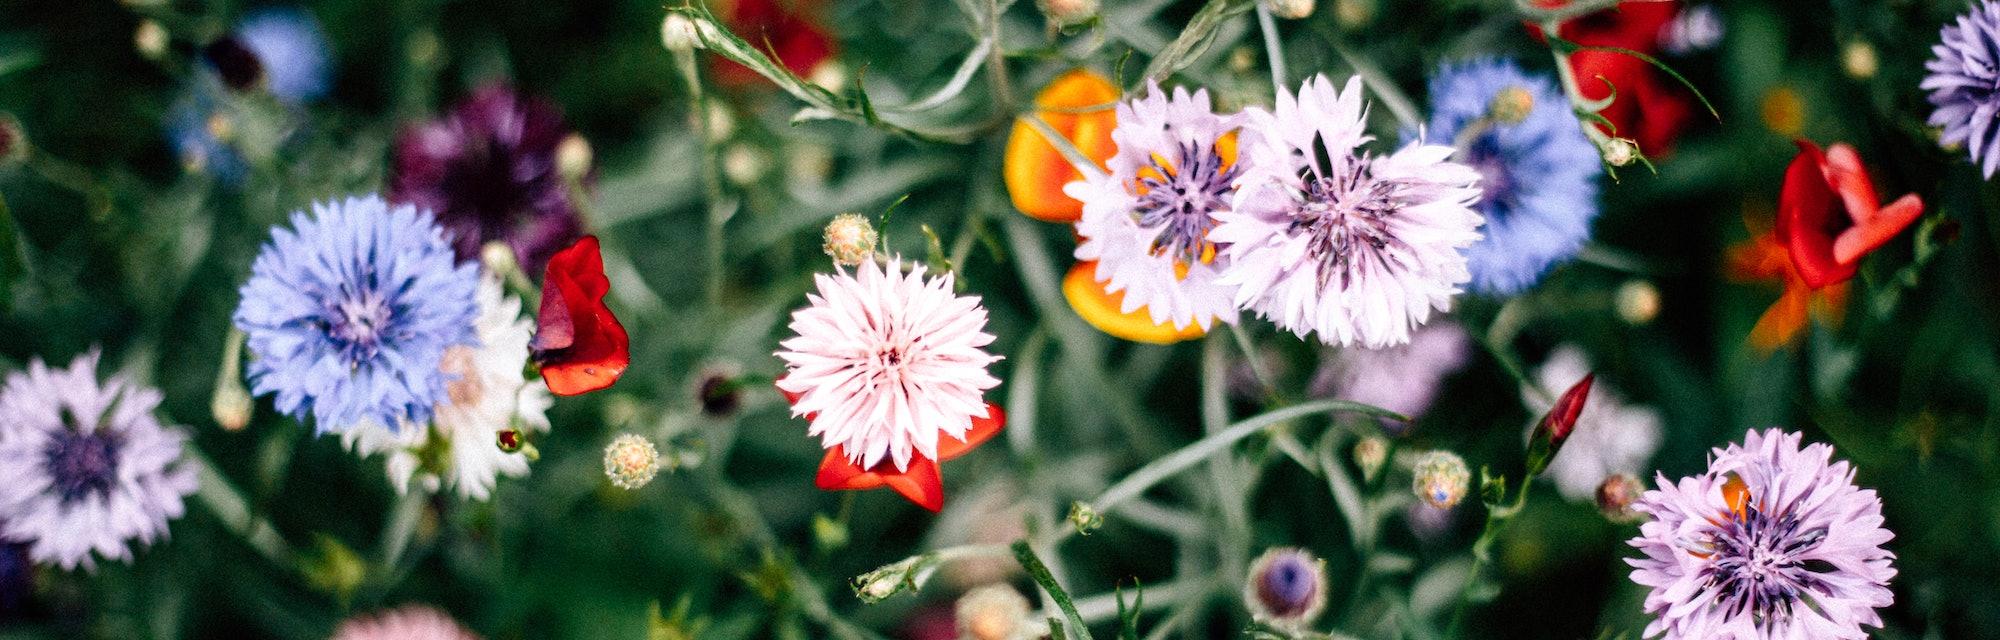 Bunte Blumenwiese flowers in a field